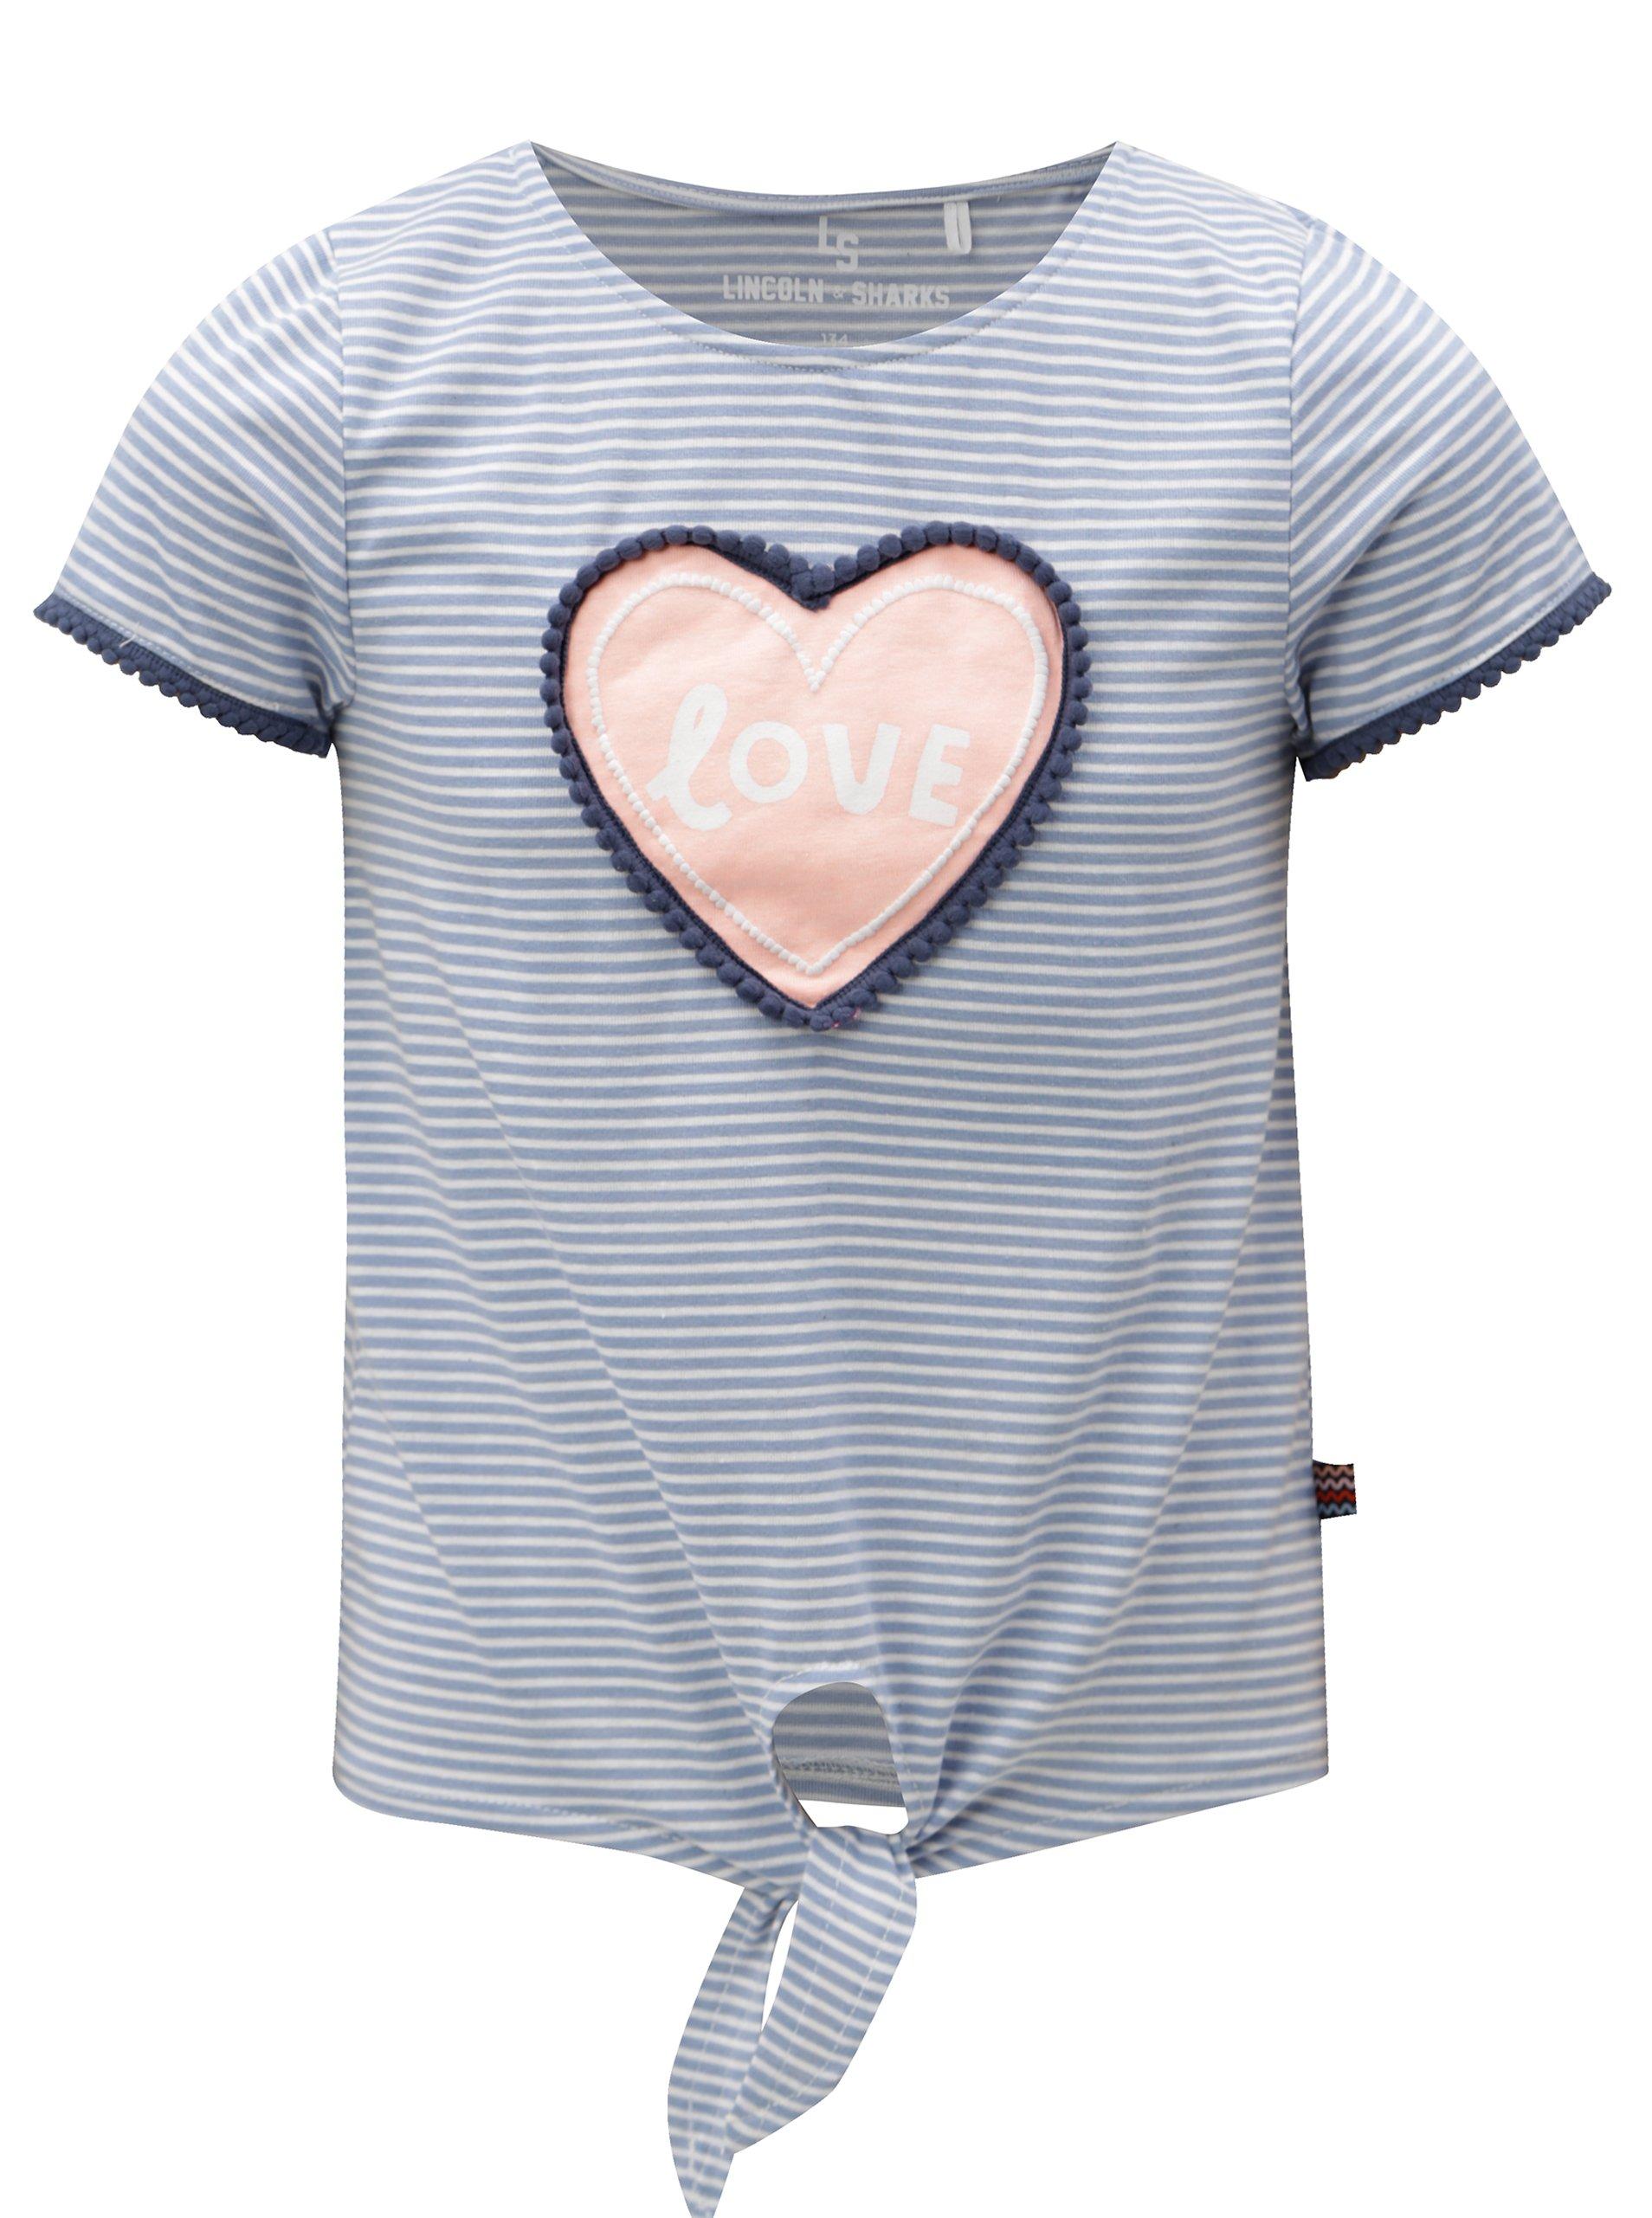 Modré dievčenské pruhované tričko s uzlom 5.10.15.